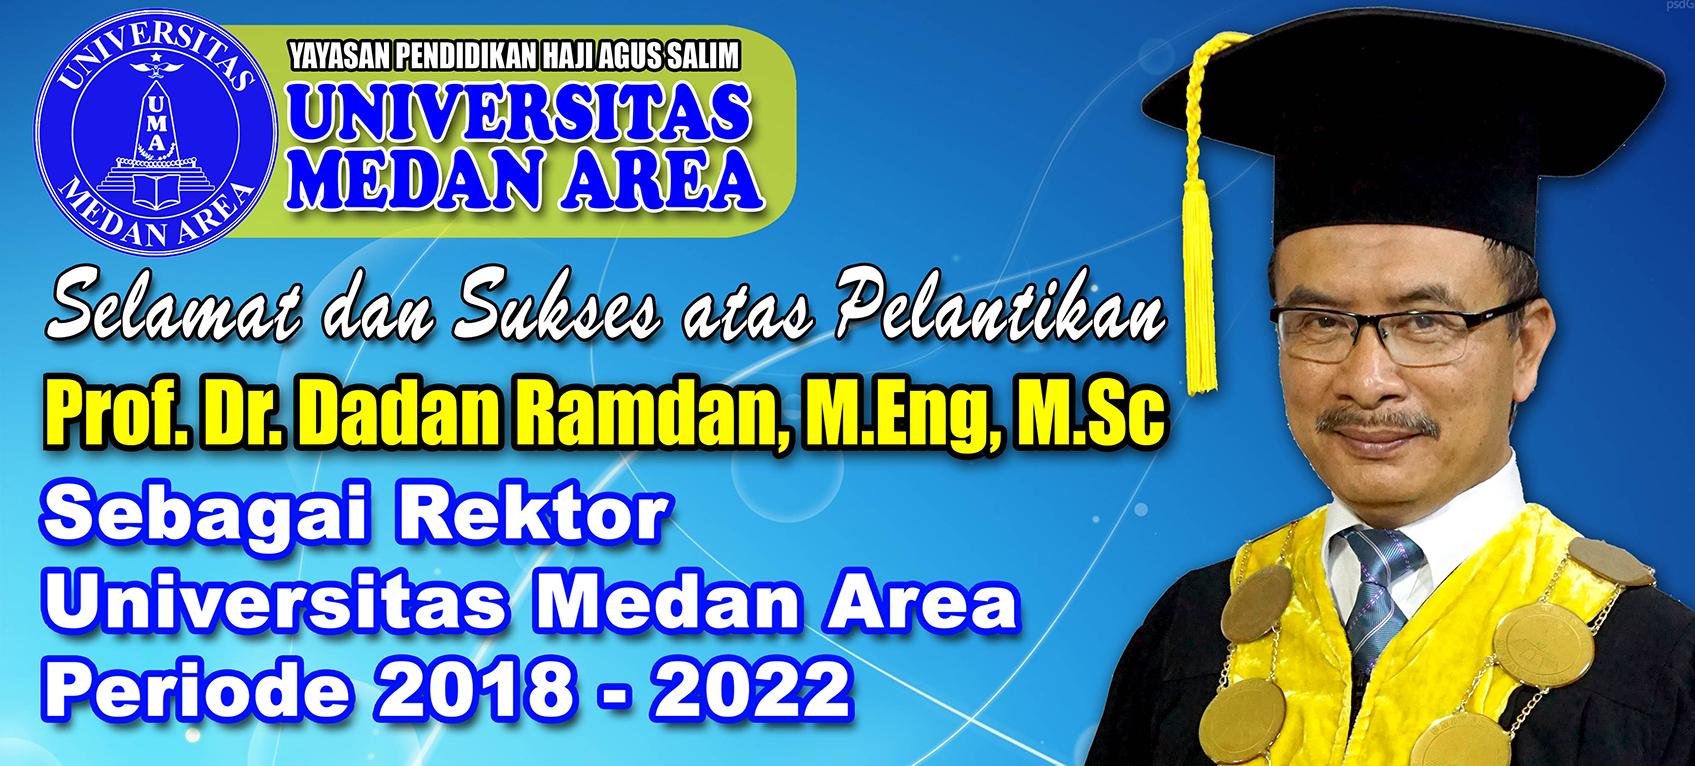 Rektor Universitas Medan Area 2018-2022